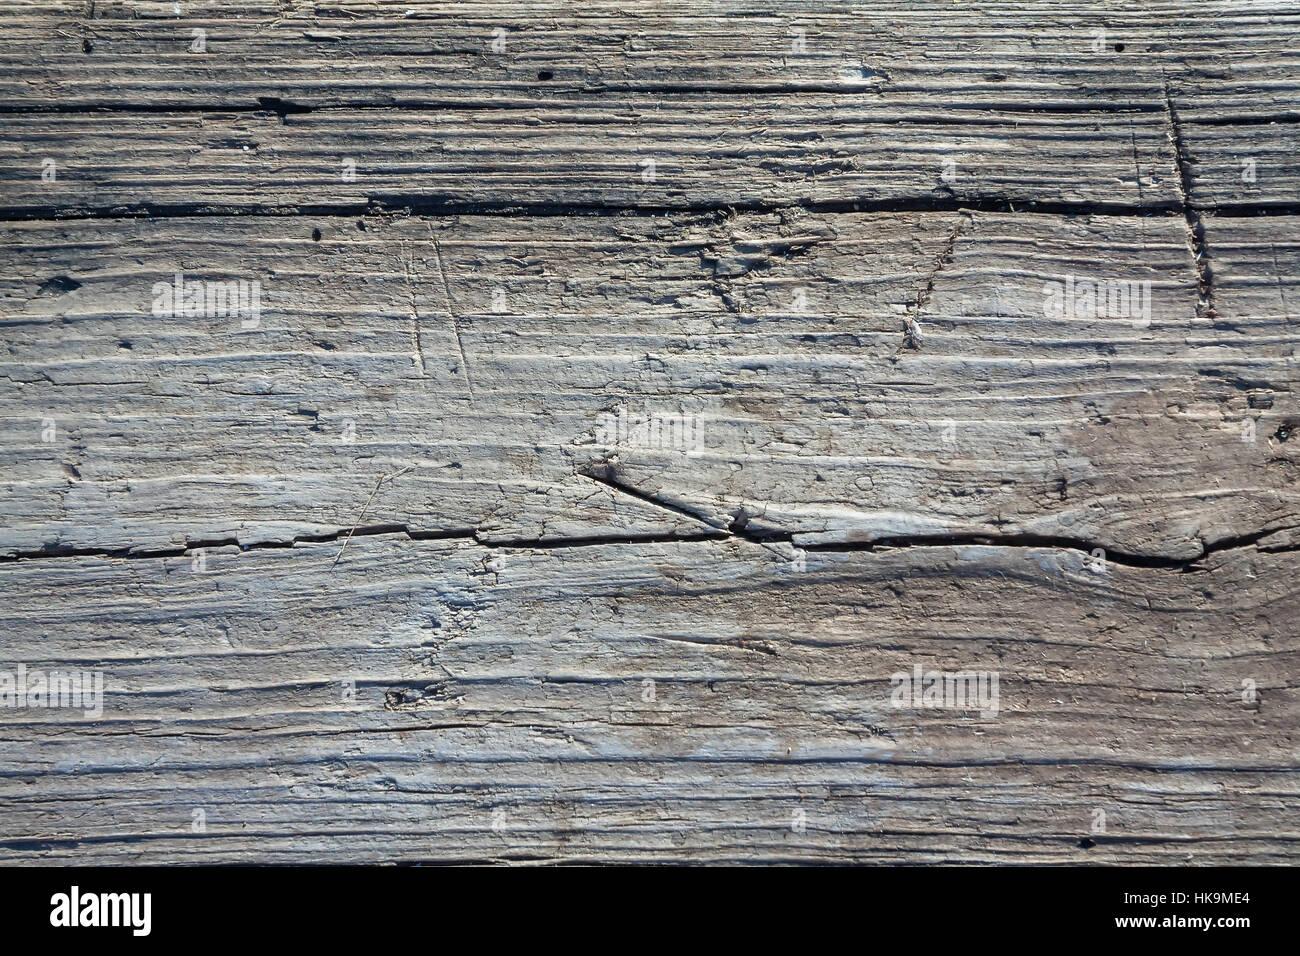 Graues Holz veraltete holz hintergrund in weißen und blauen farbton als graues